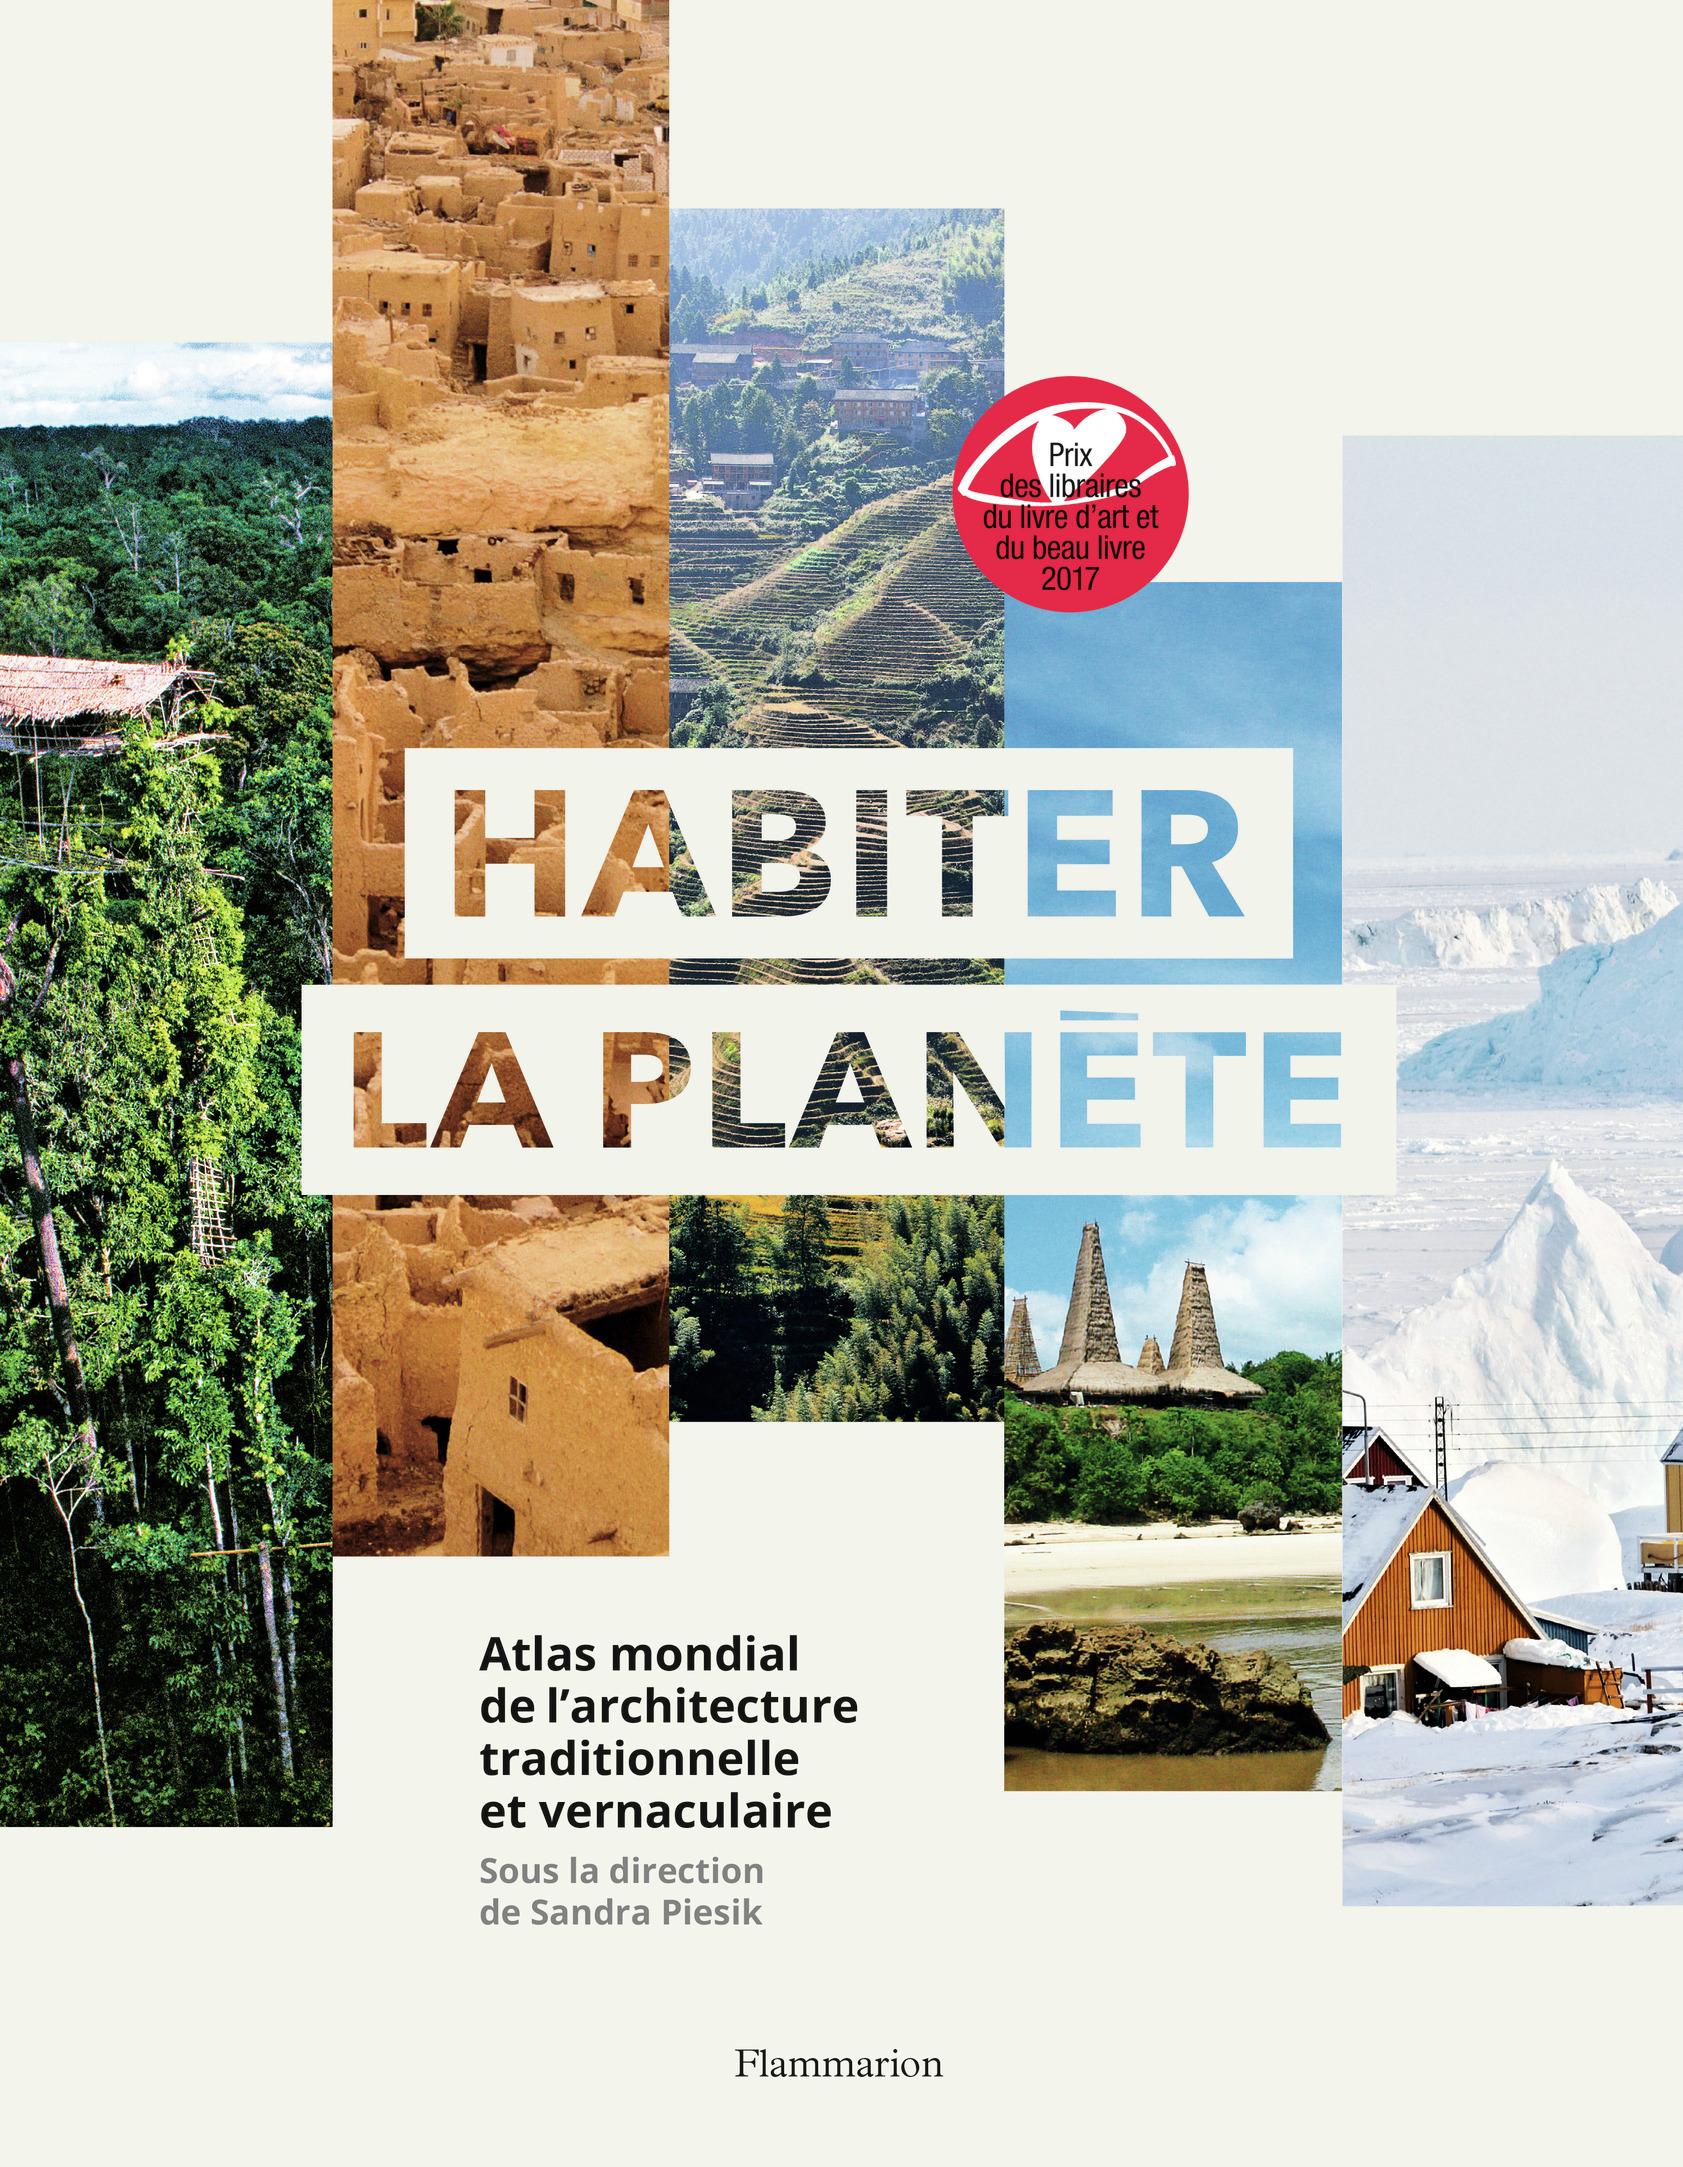 HABITER LA PLANETE - ATLAS MONDIAL DE L'ARCHITECTURE VERNACULAIRE